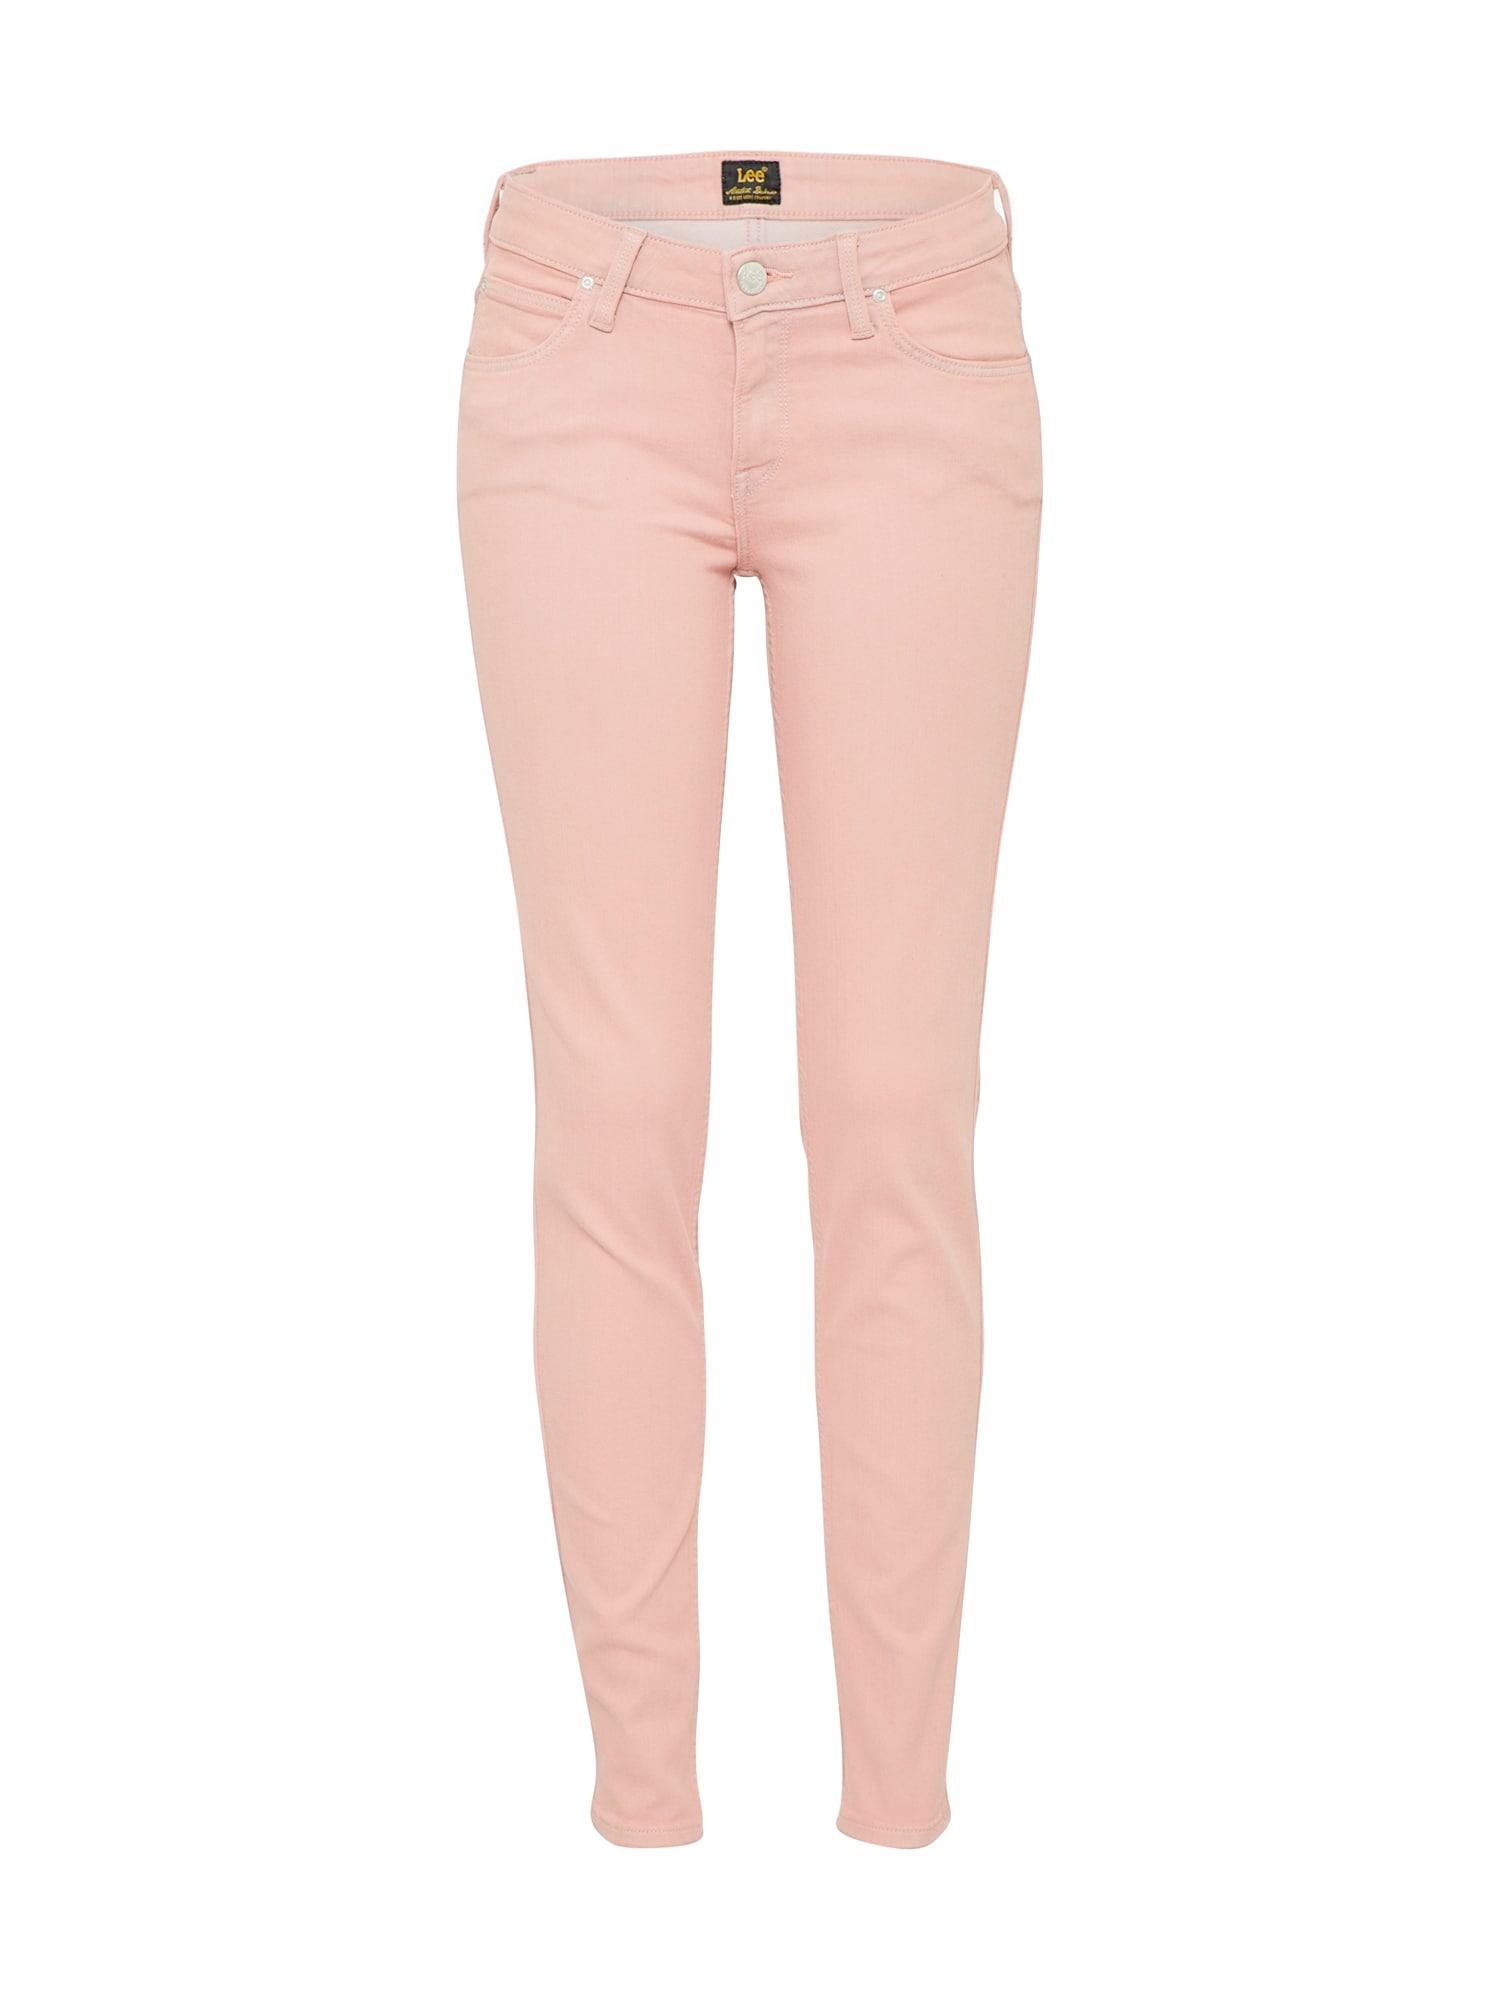 Lee Dames Jeans SCARLETT pink